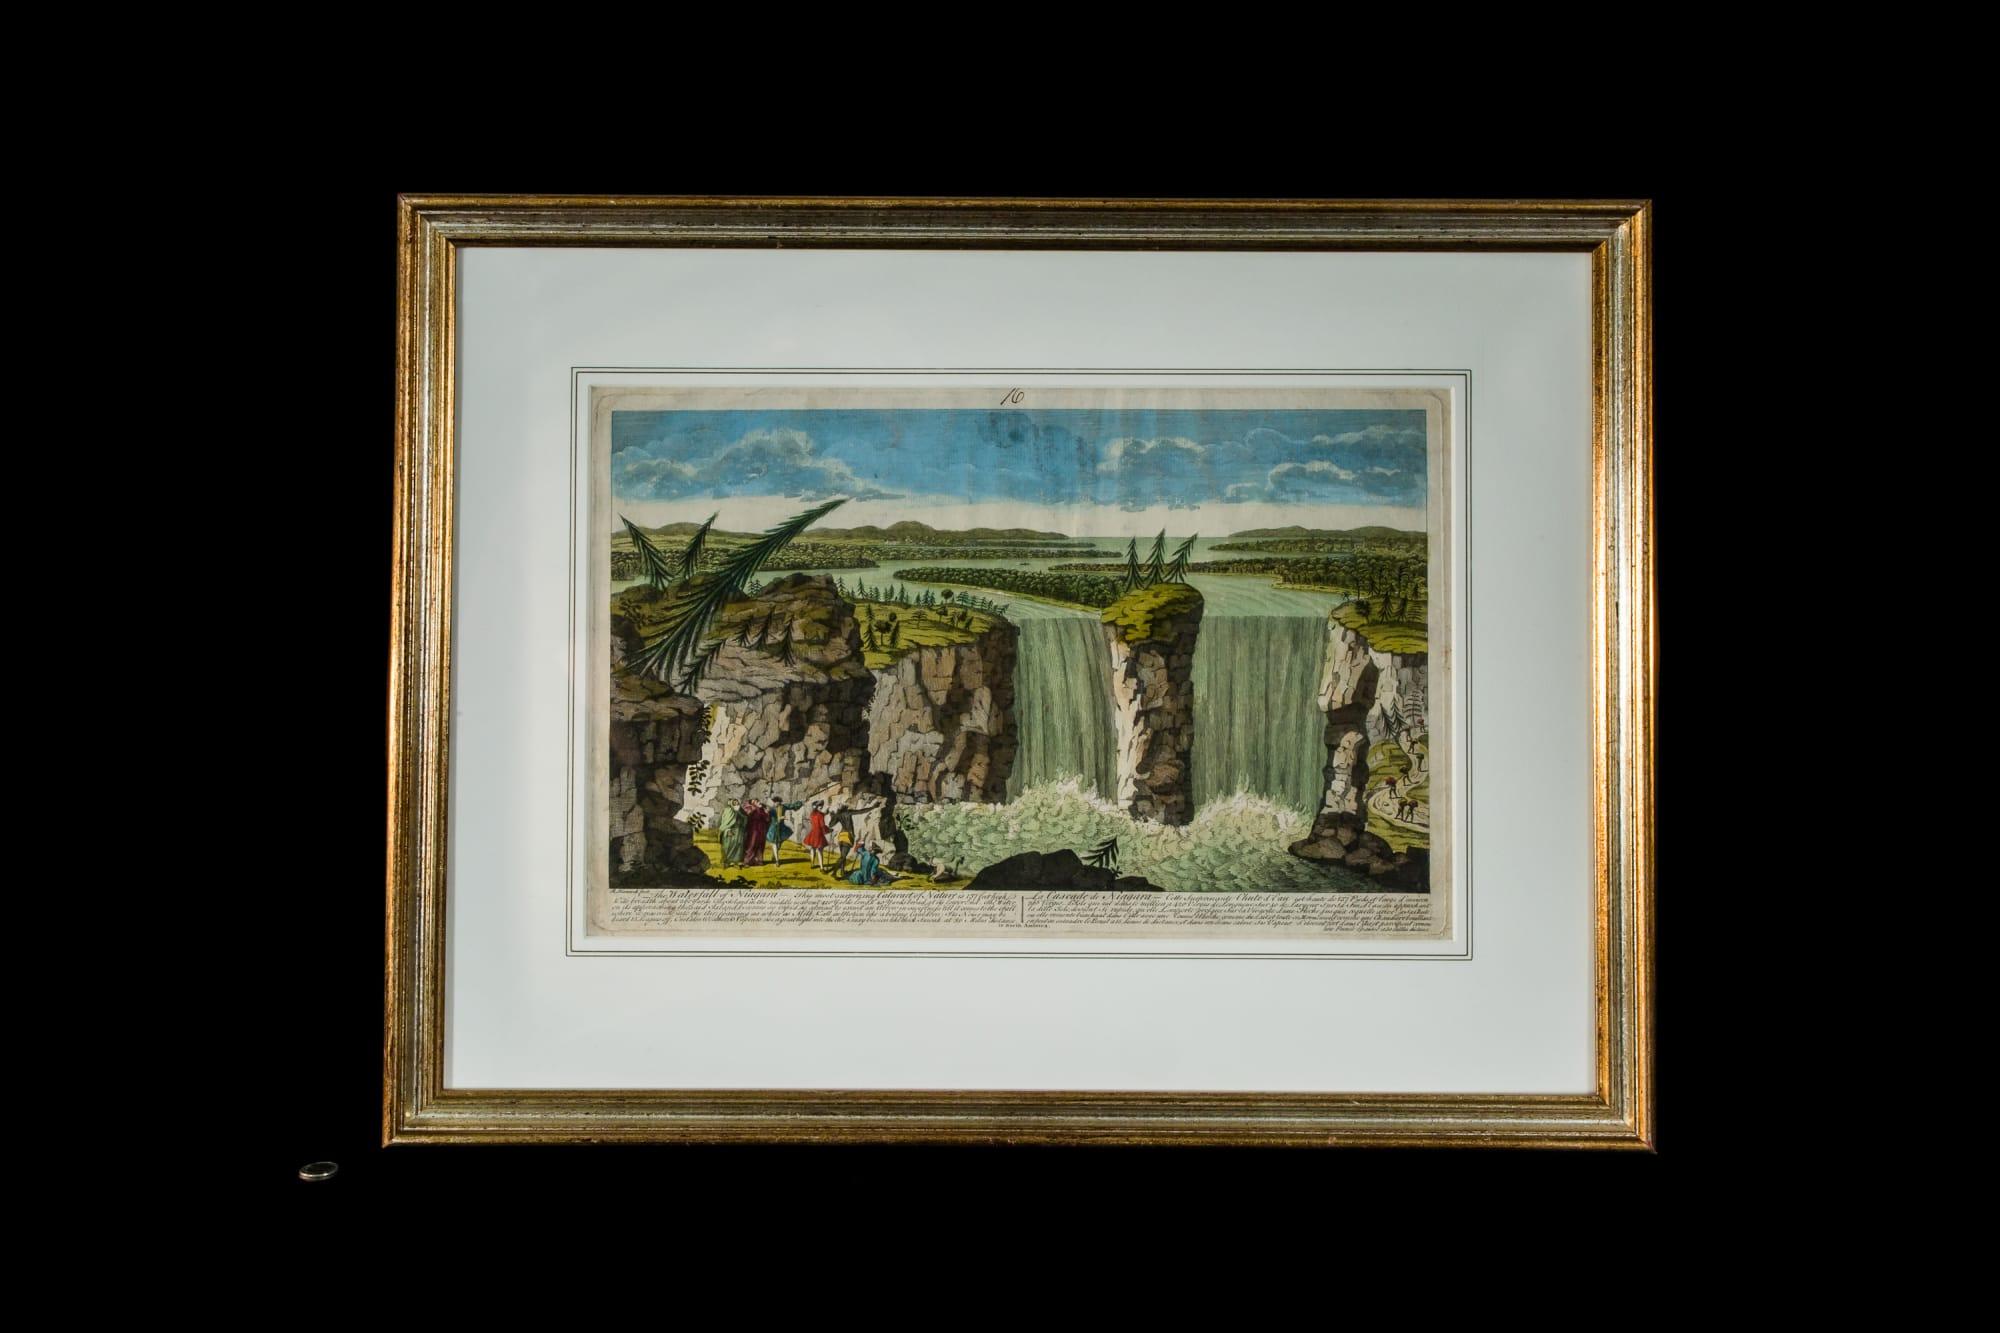 Niagara Falls print in a frame